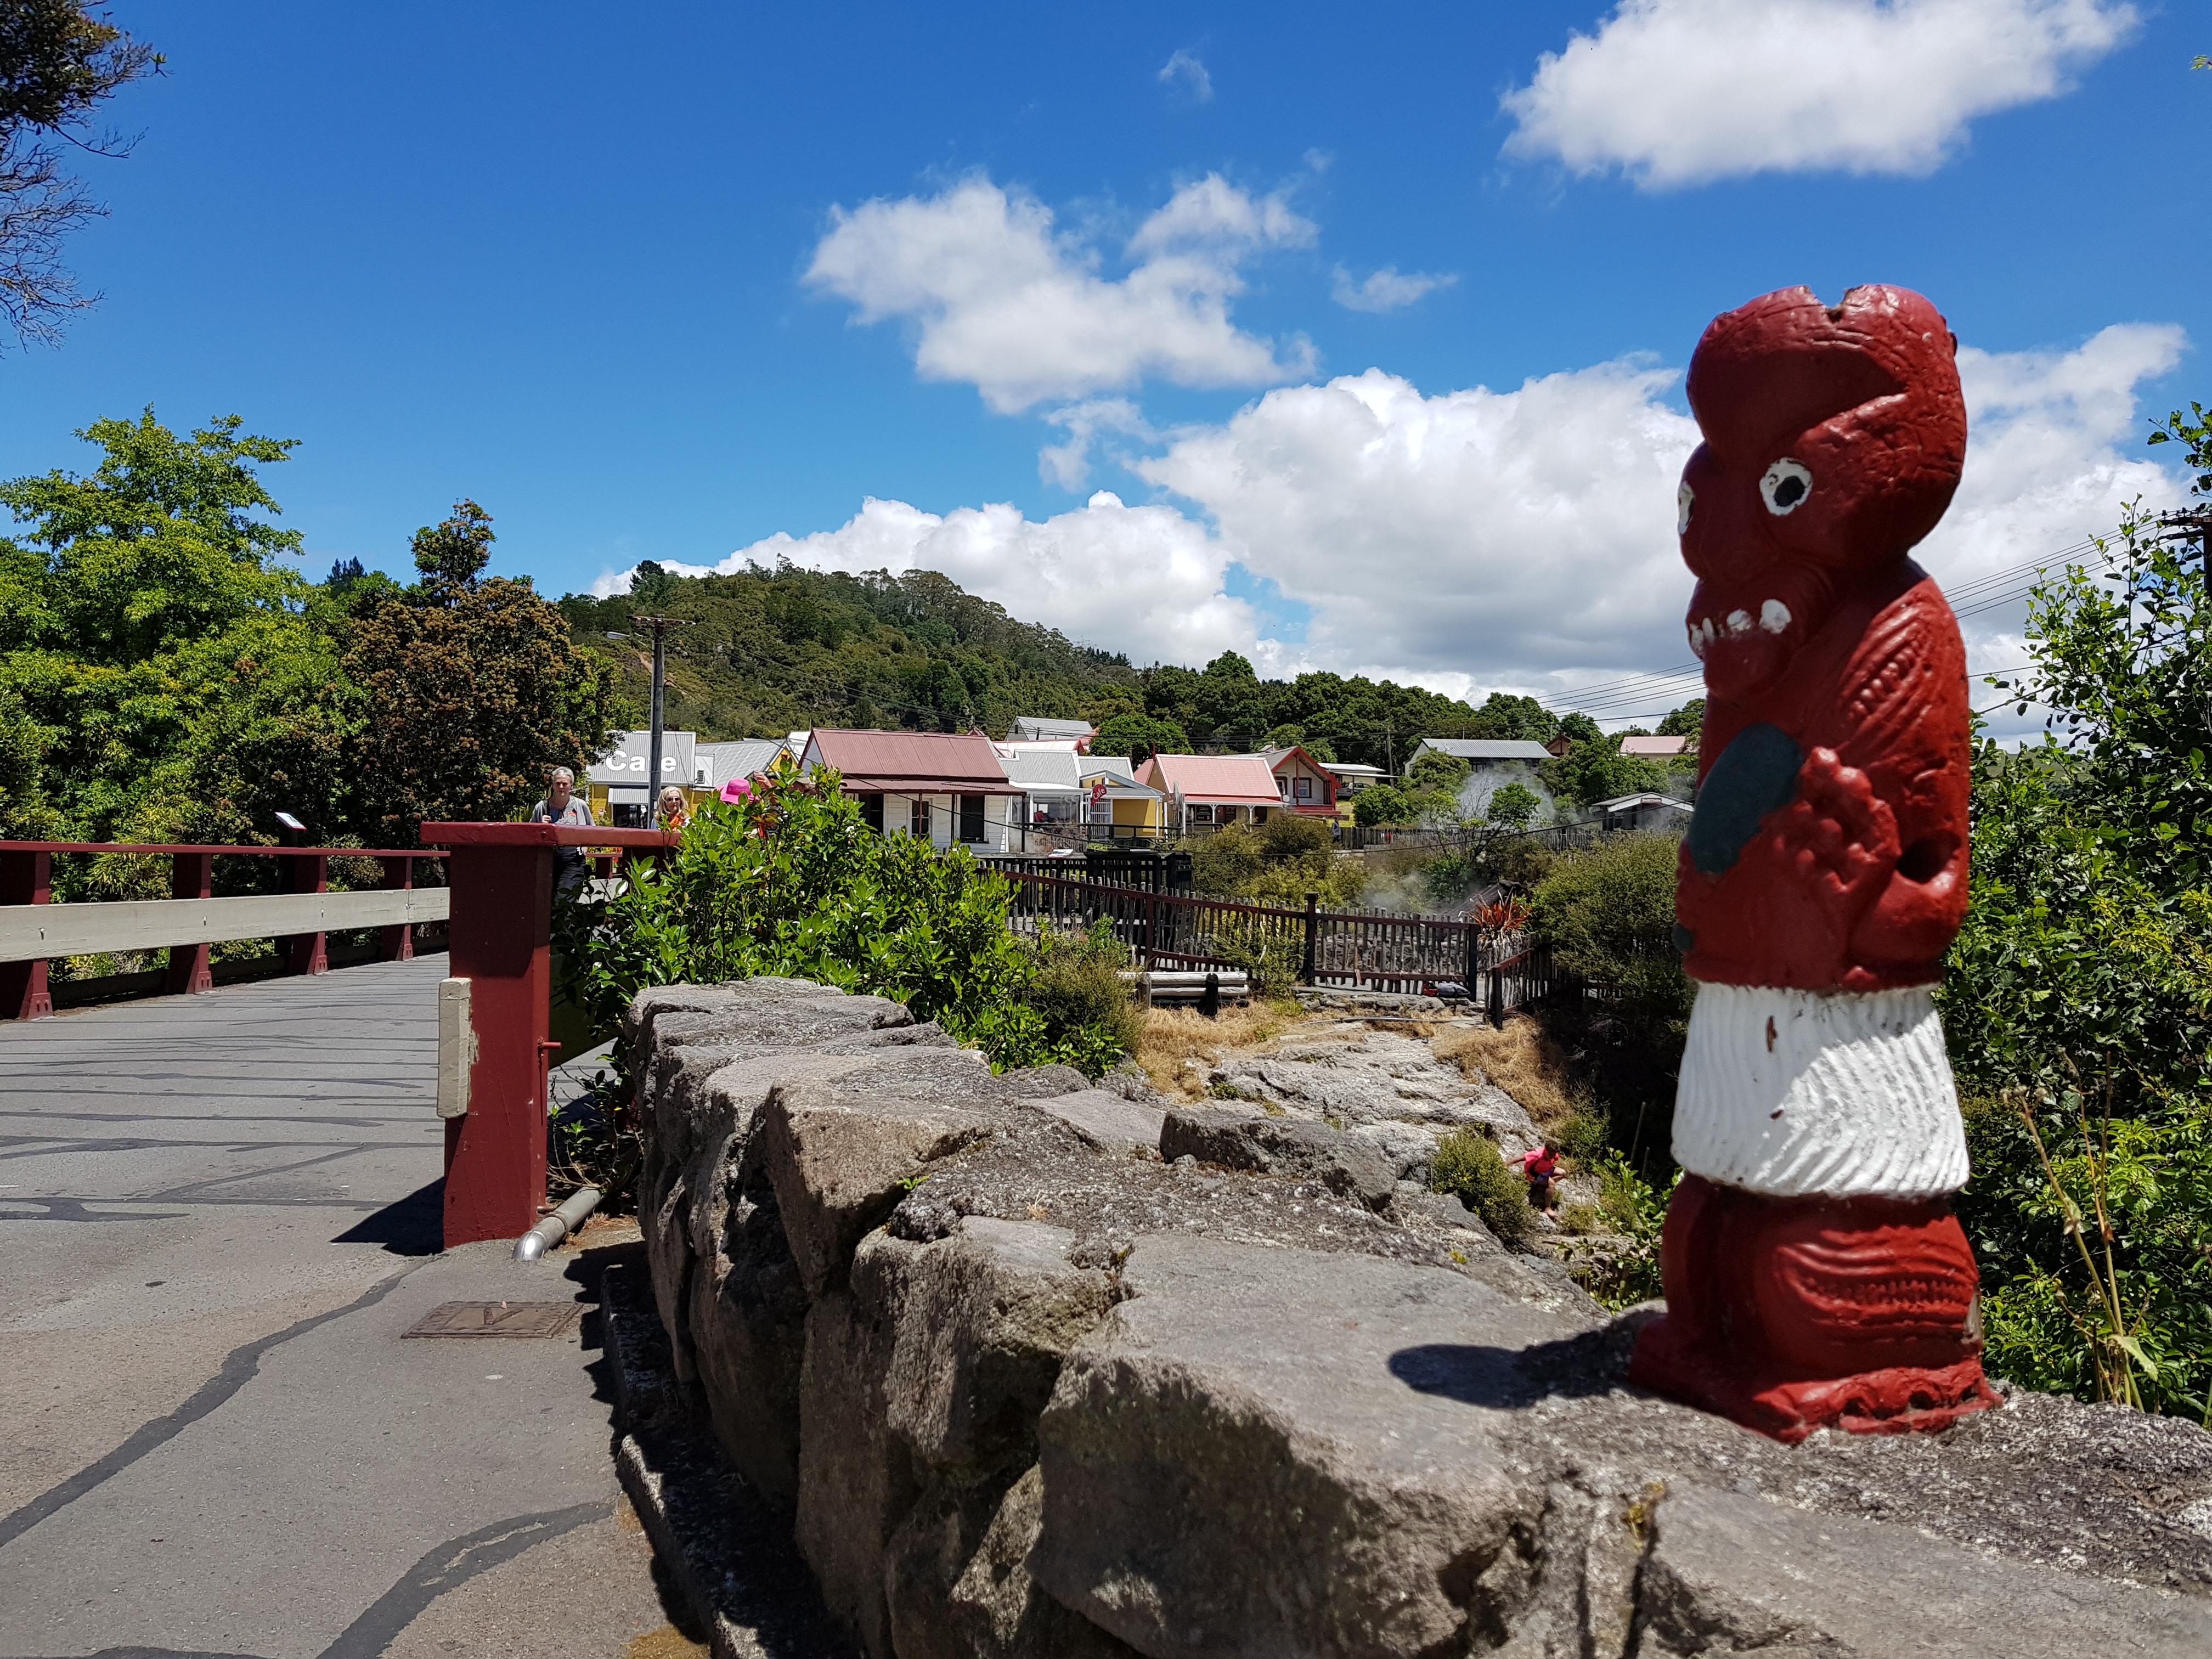 Tekoteko in Whakarewarewa Village